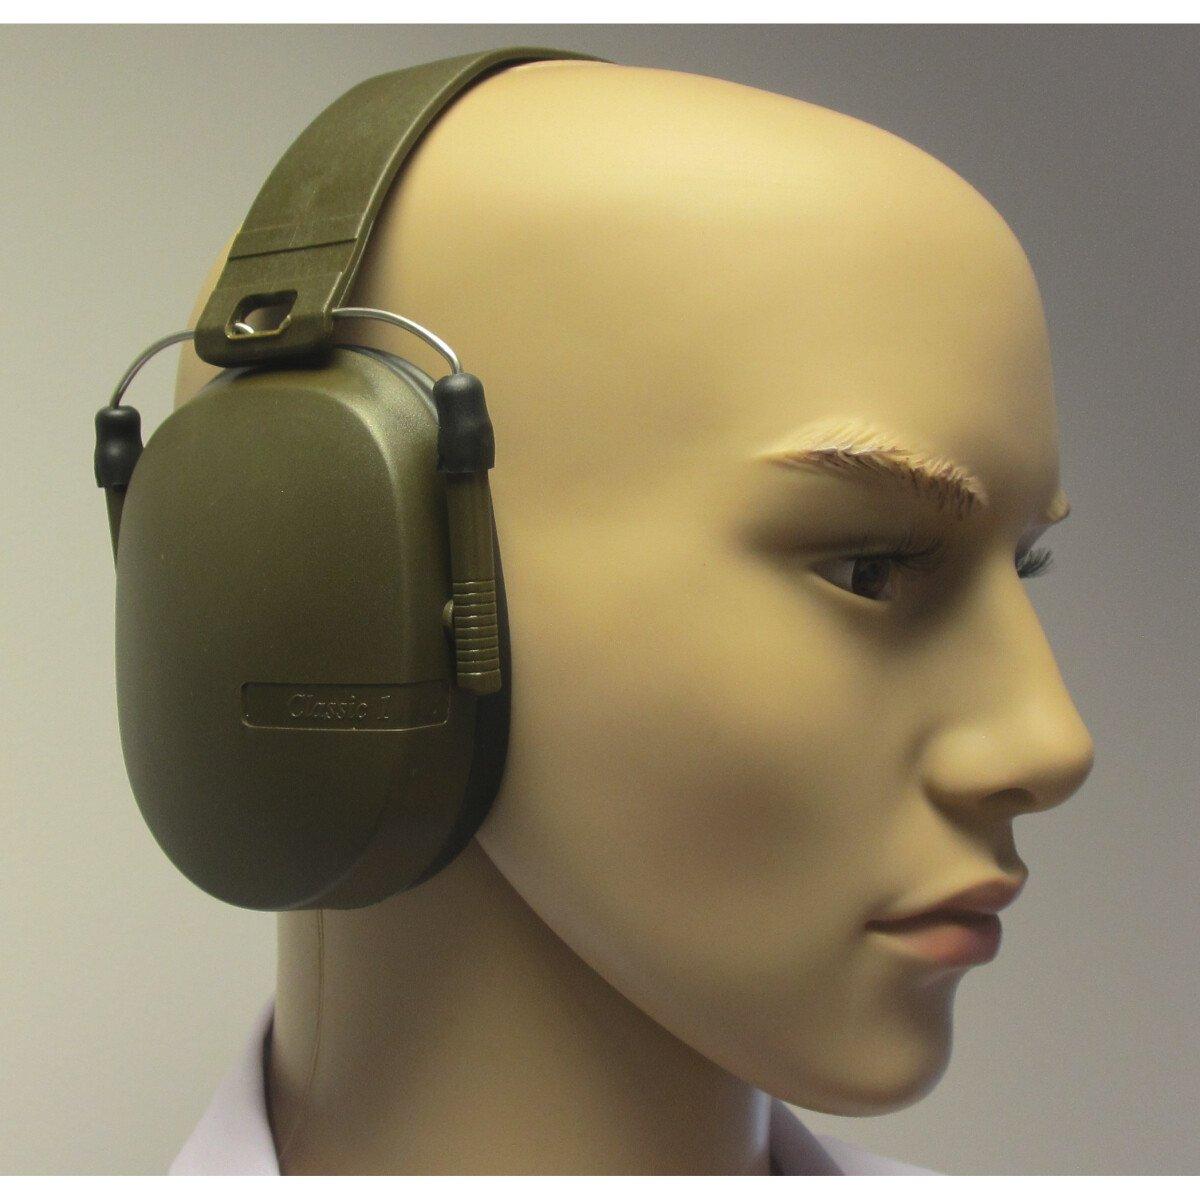 JSP AER010-422-600 Classic 1 Ear Defender Olive Green (SNR 26)